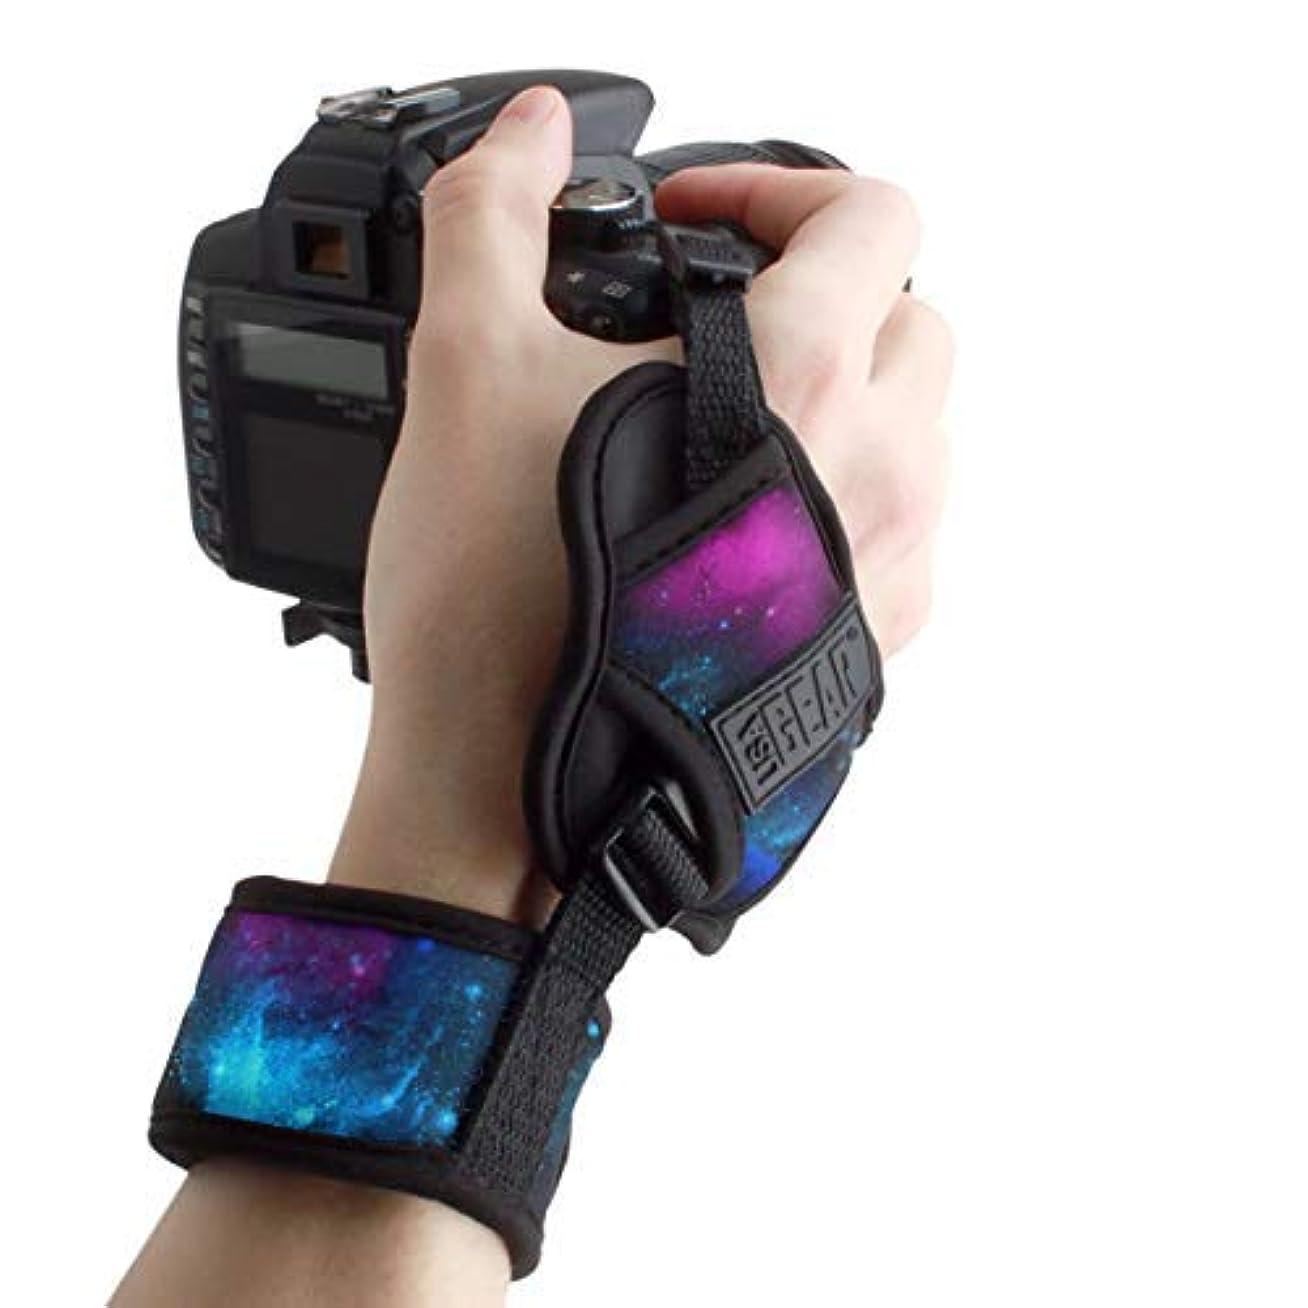 旅行代理店折耳USA GEAR Camera Hand Strap Wrist with Galaxy Padded Neoprene Pattern and Connecting Metal Plate - Compatible with Canon, Fujifilm, Nikon, Sony and More DSLR, Instant, Mirrorless Cameras [並行輸入品]